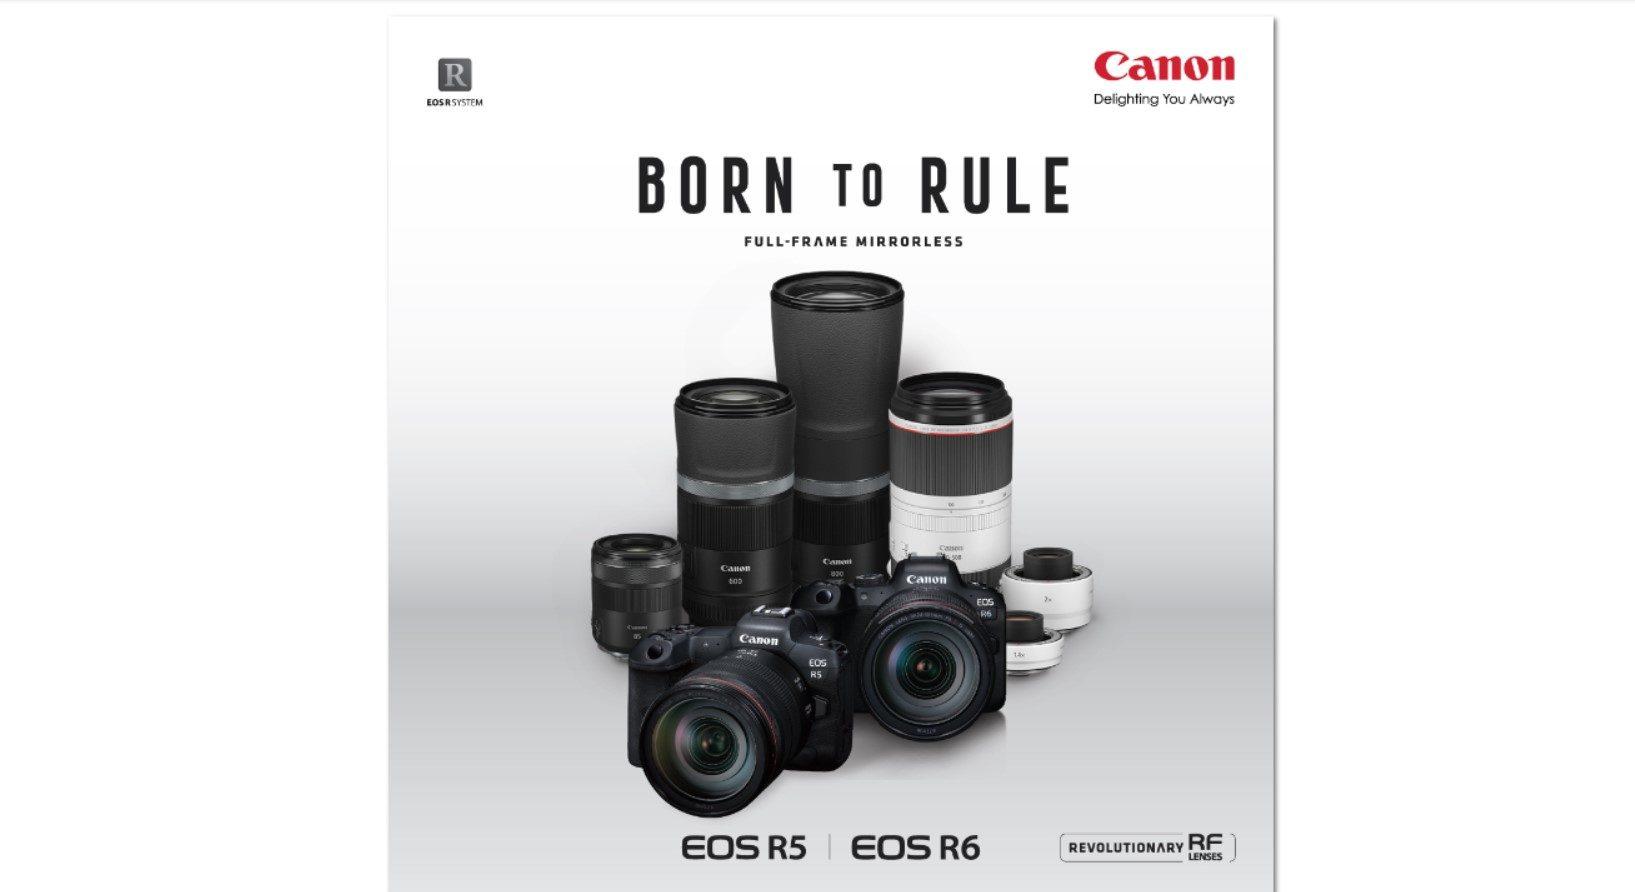 แคนนอน เปิดตัวเรือธงใหม่ สุดยอดกล้องมิเรอร์เลสฟูลเฟรม EOS R5 - EOS R6